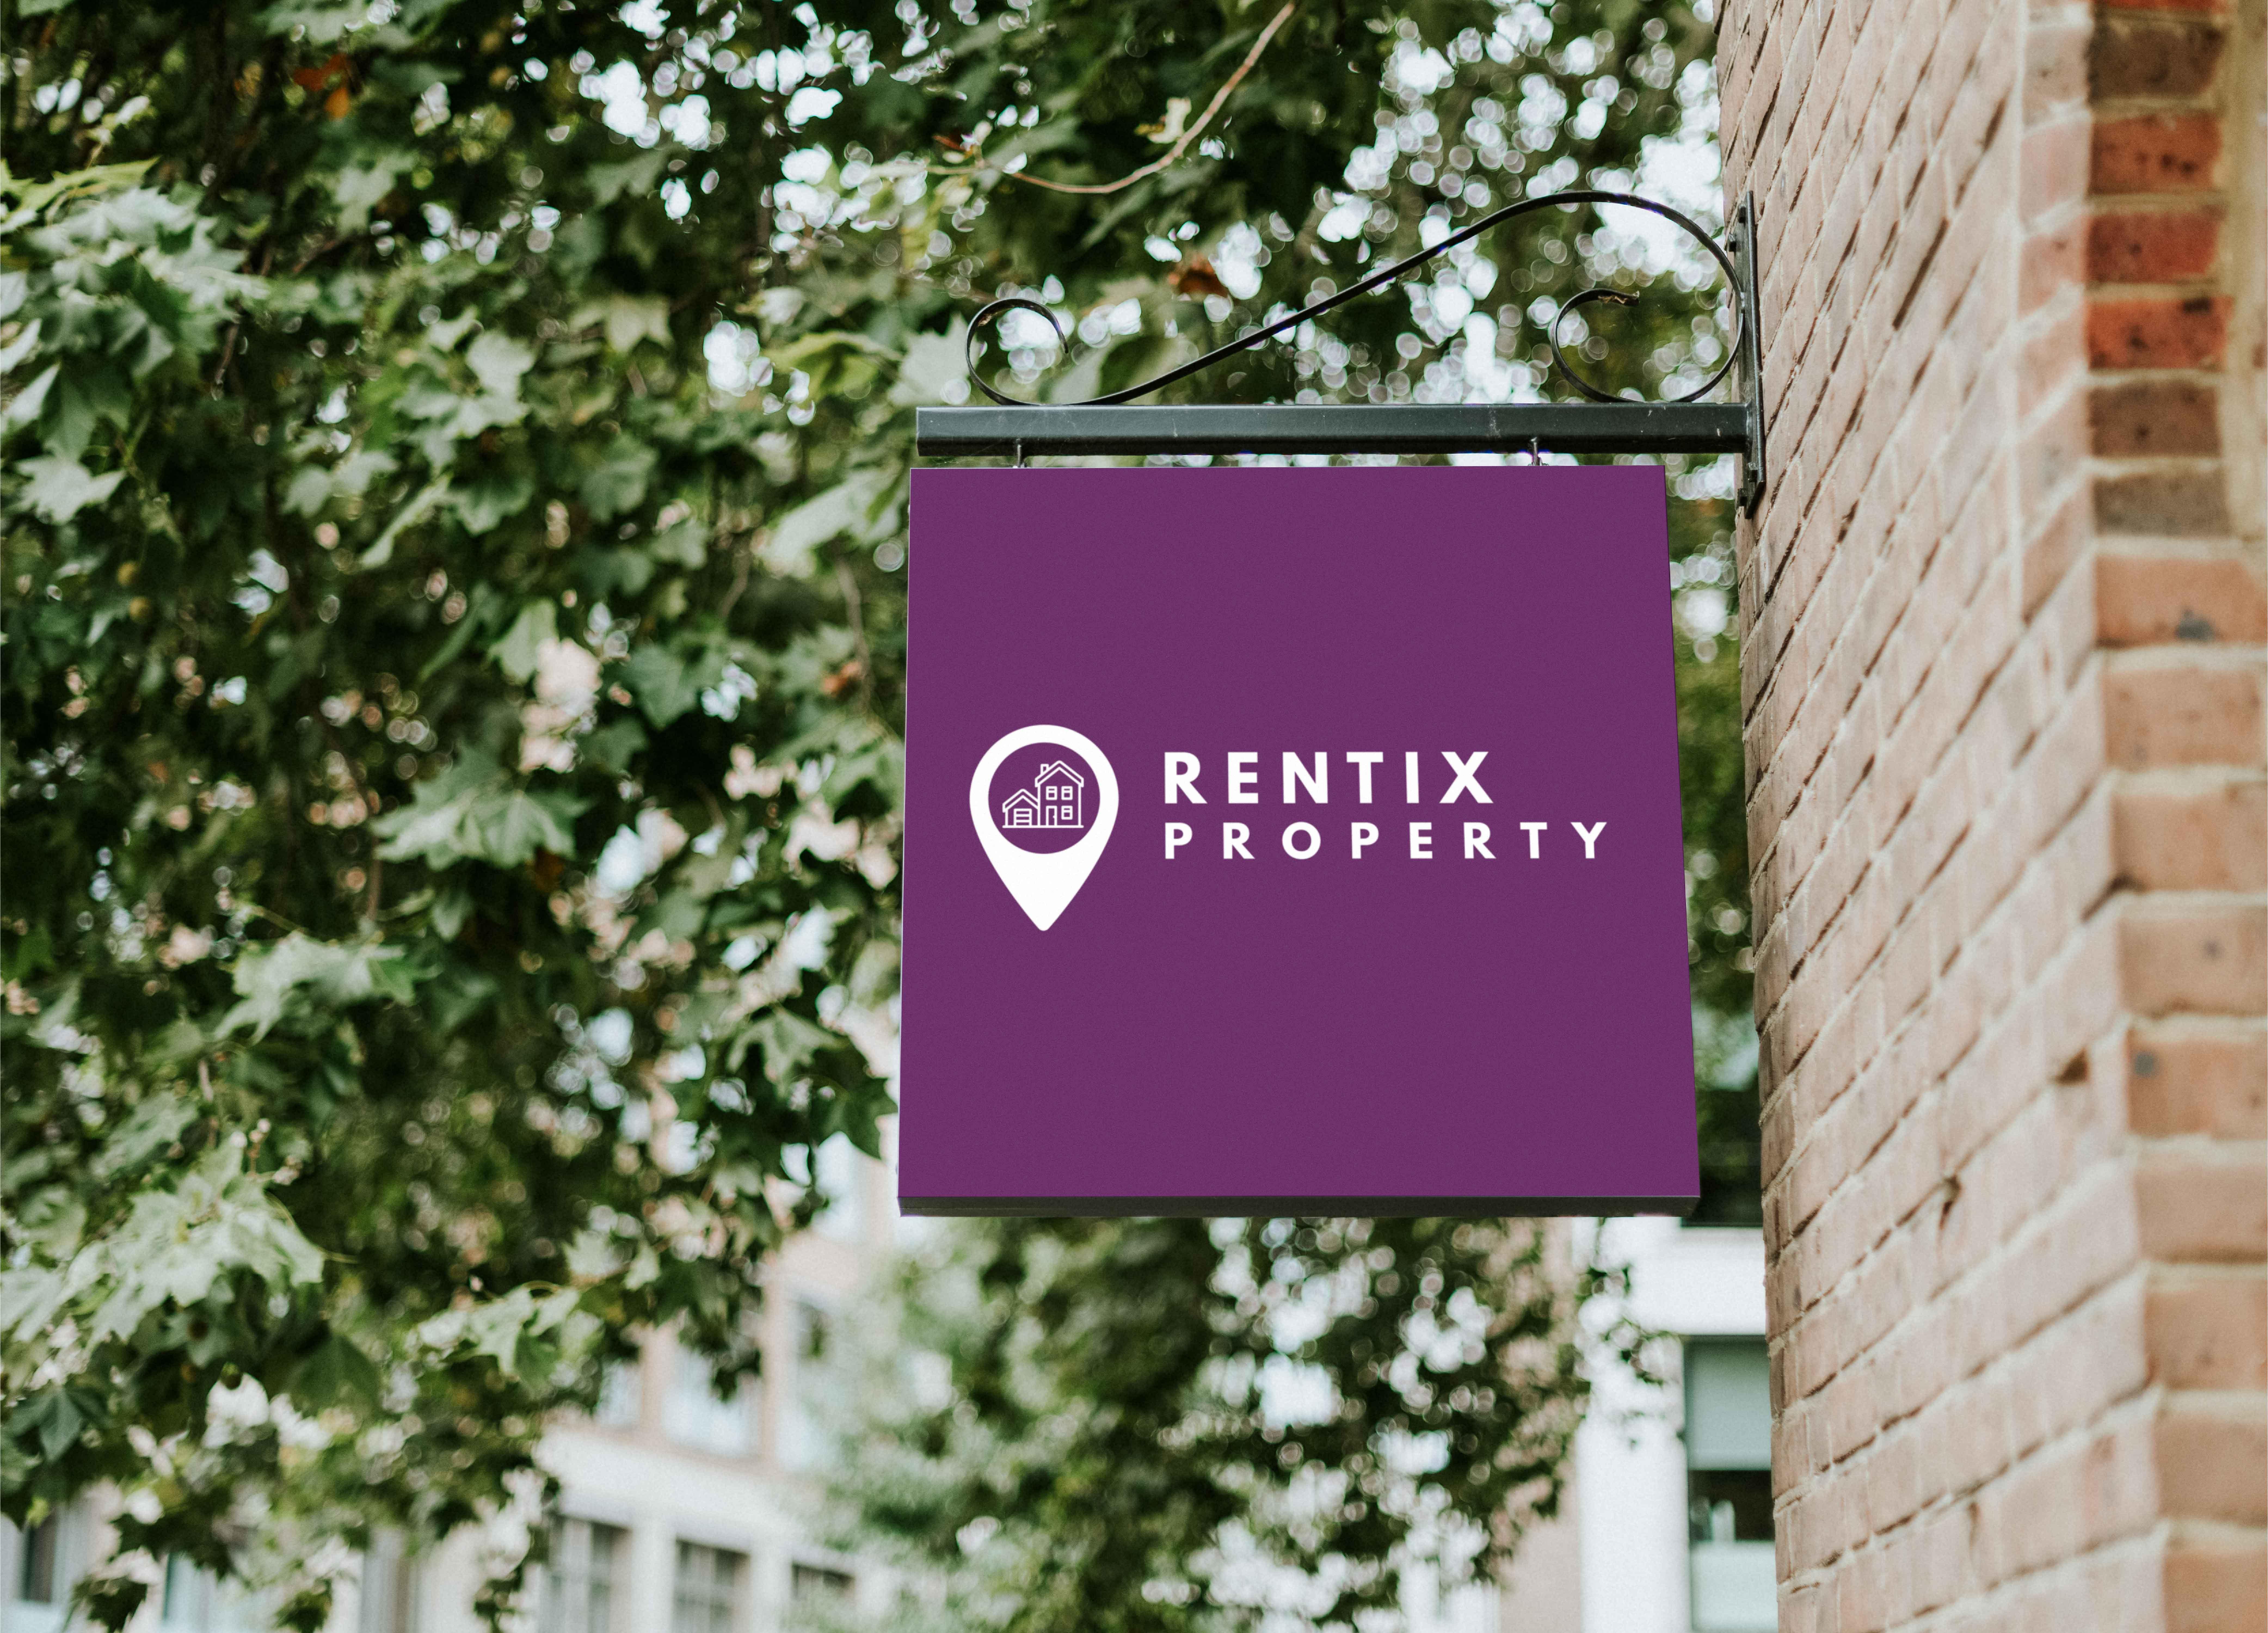 Rentix Property sign